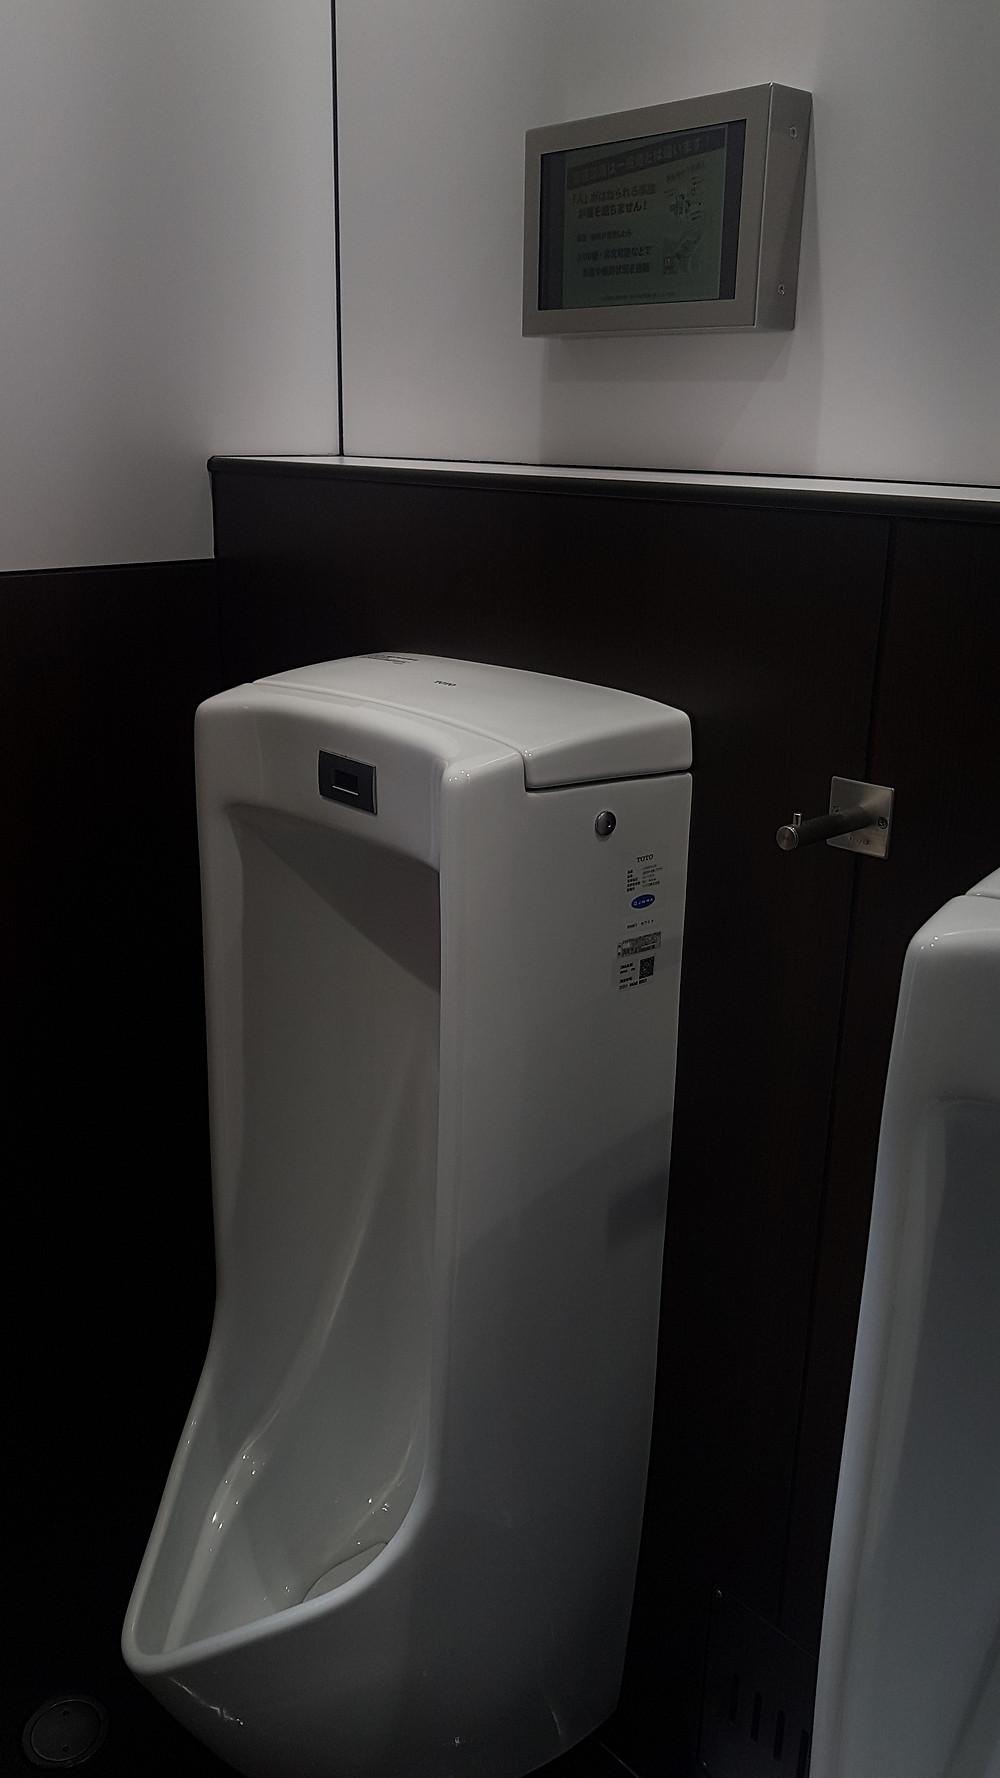 Urinario con television